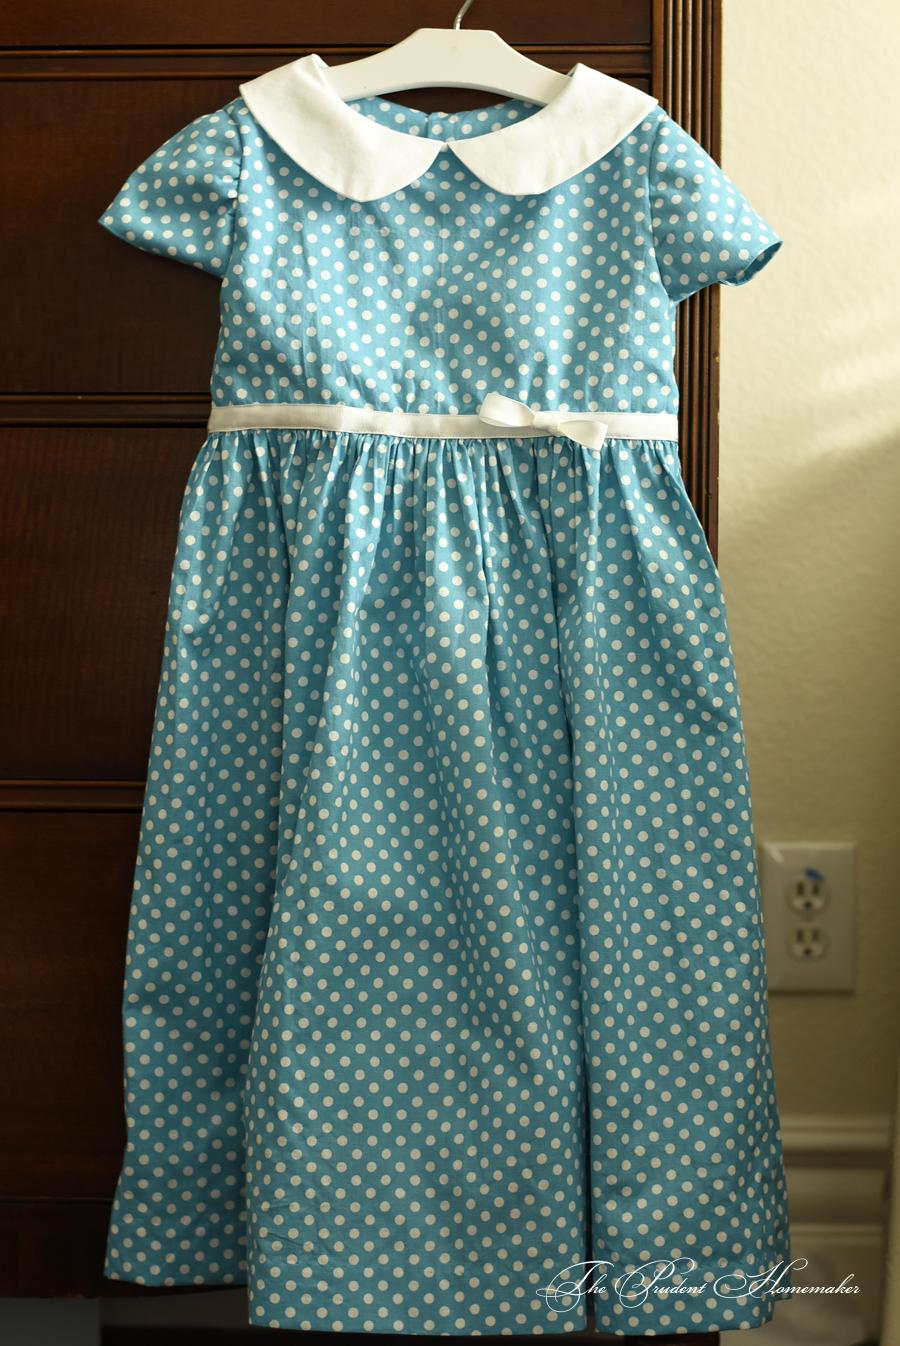 Polka Dot Dress The Prudent Homemaker